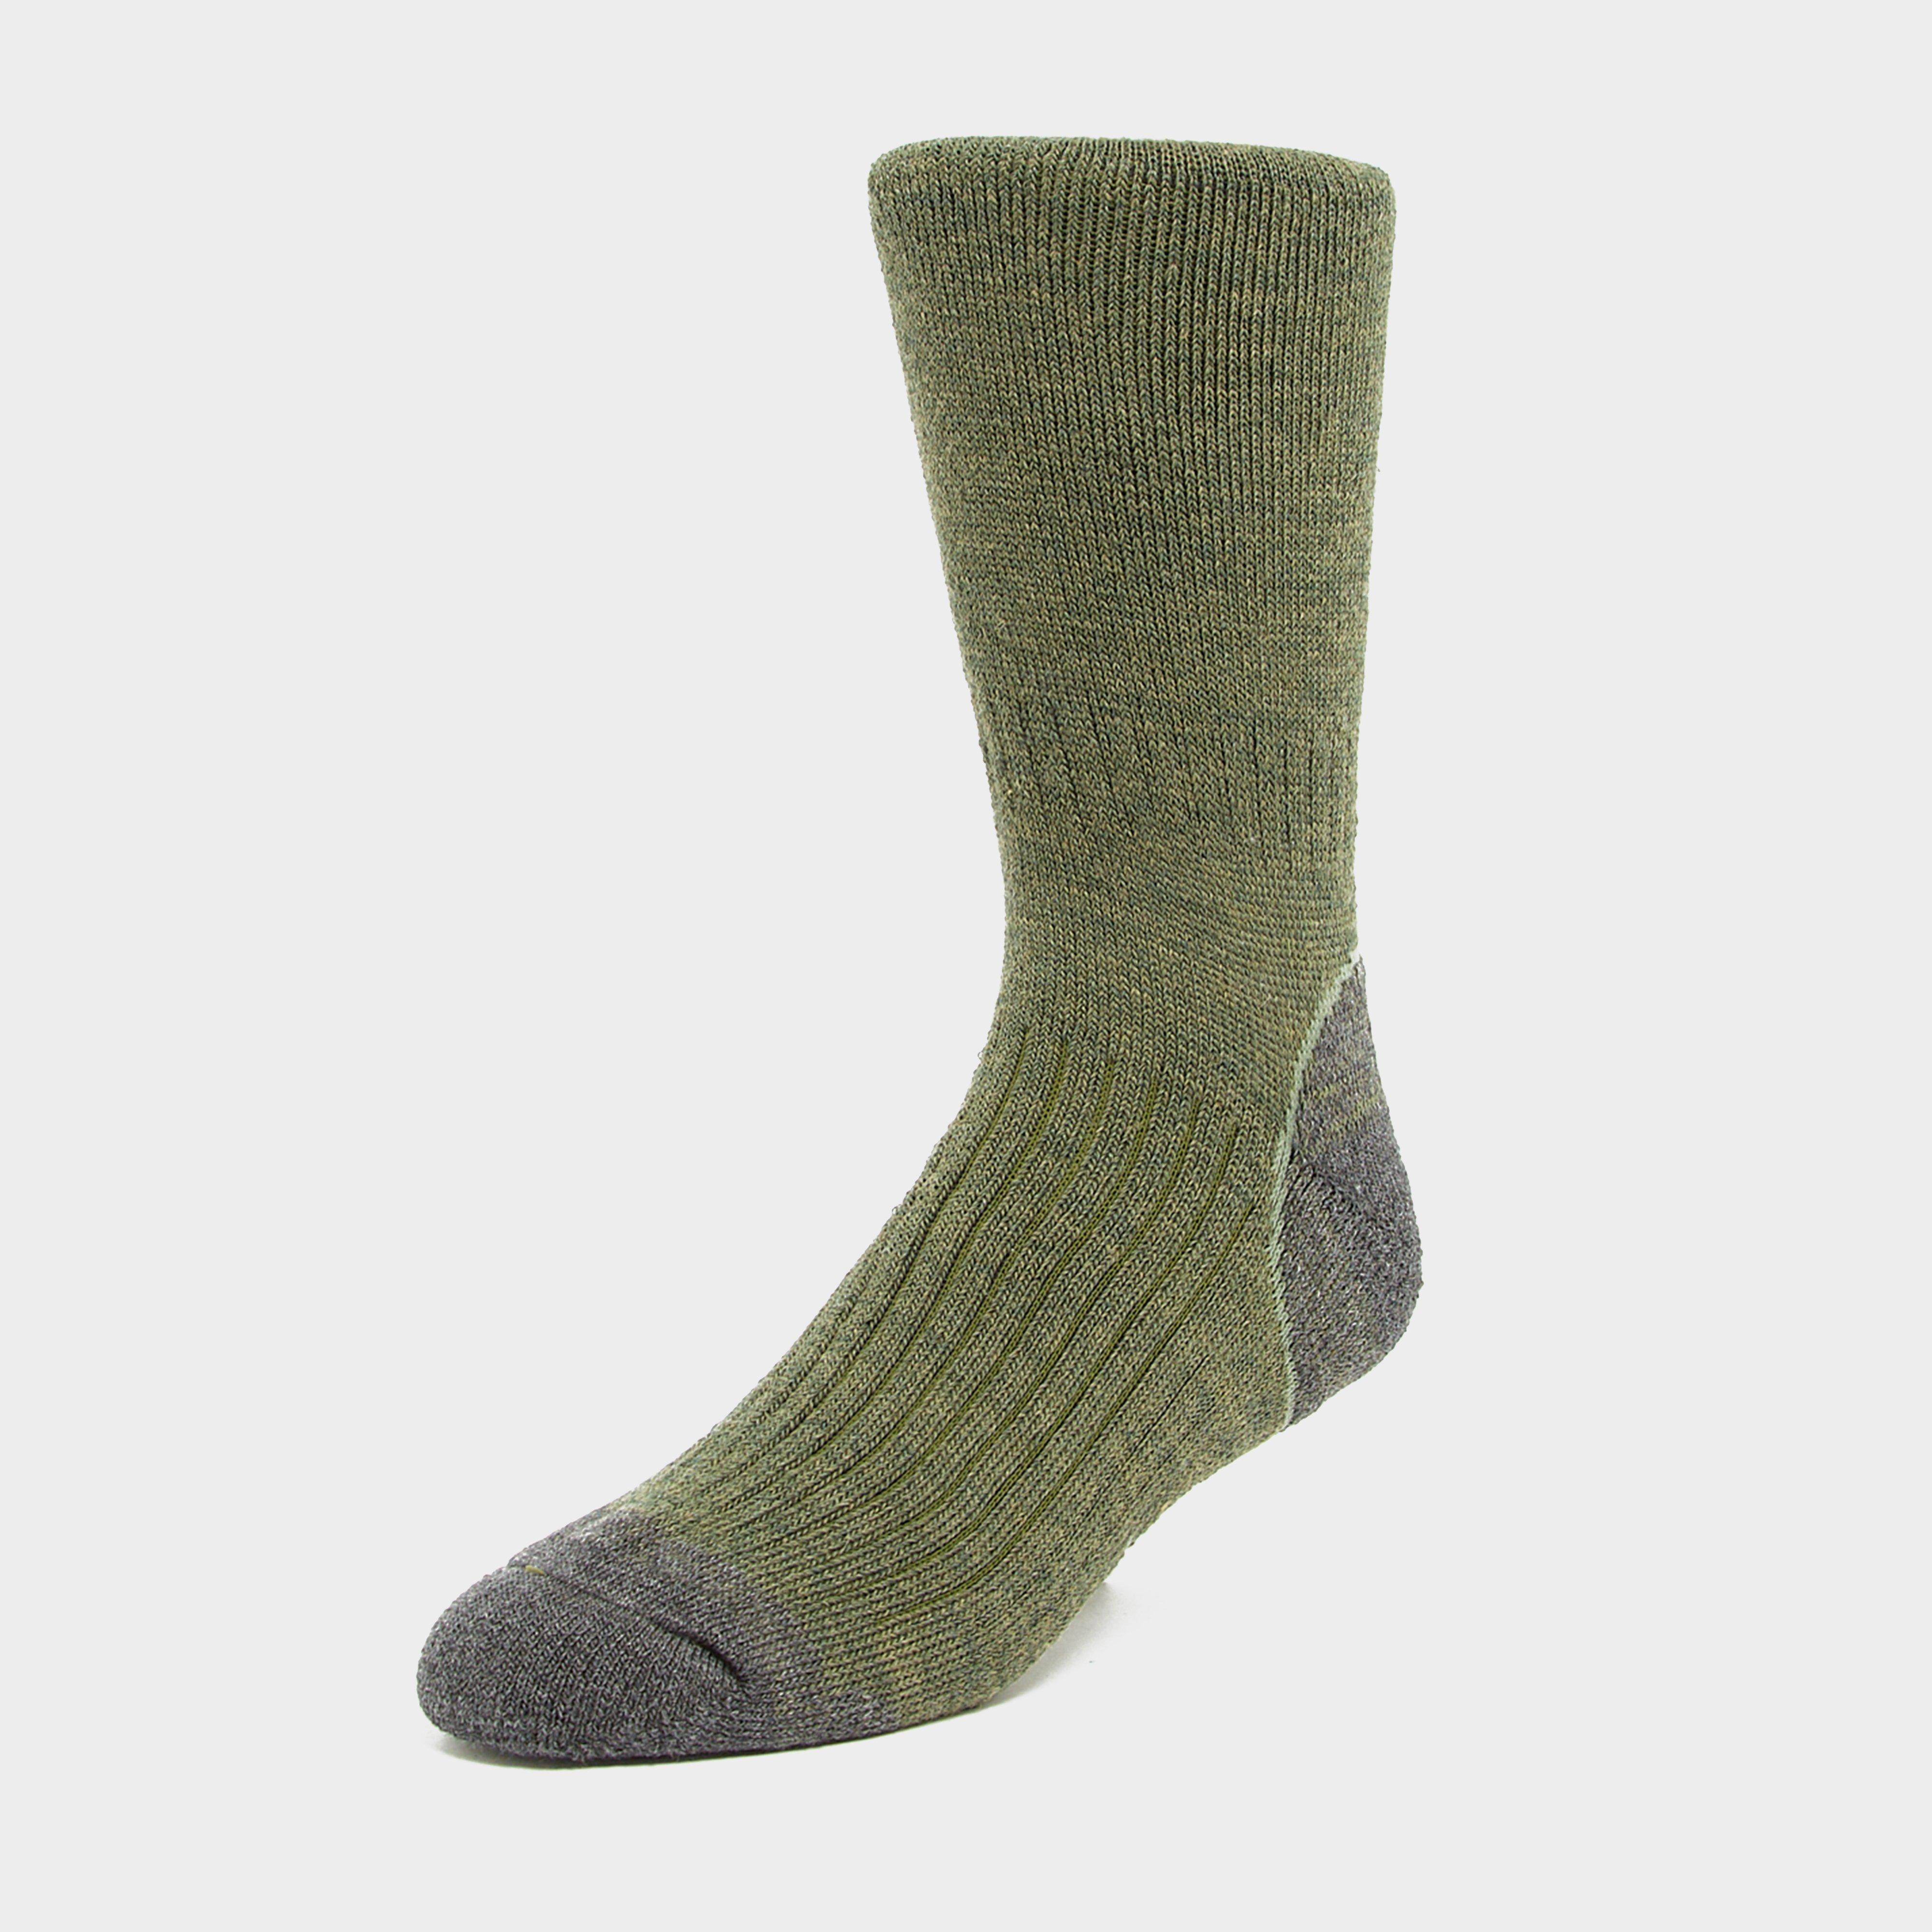 Brasher Mens Trekker Socks - Green/grn  Green/grn